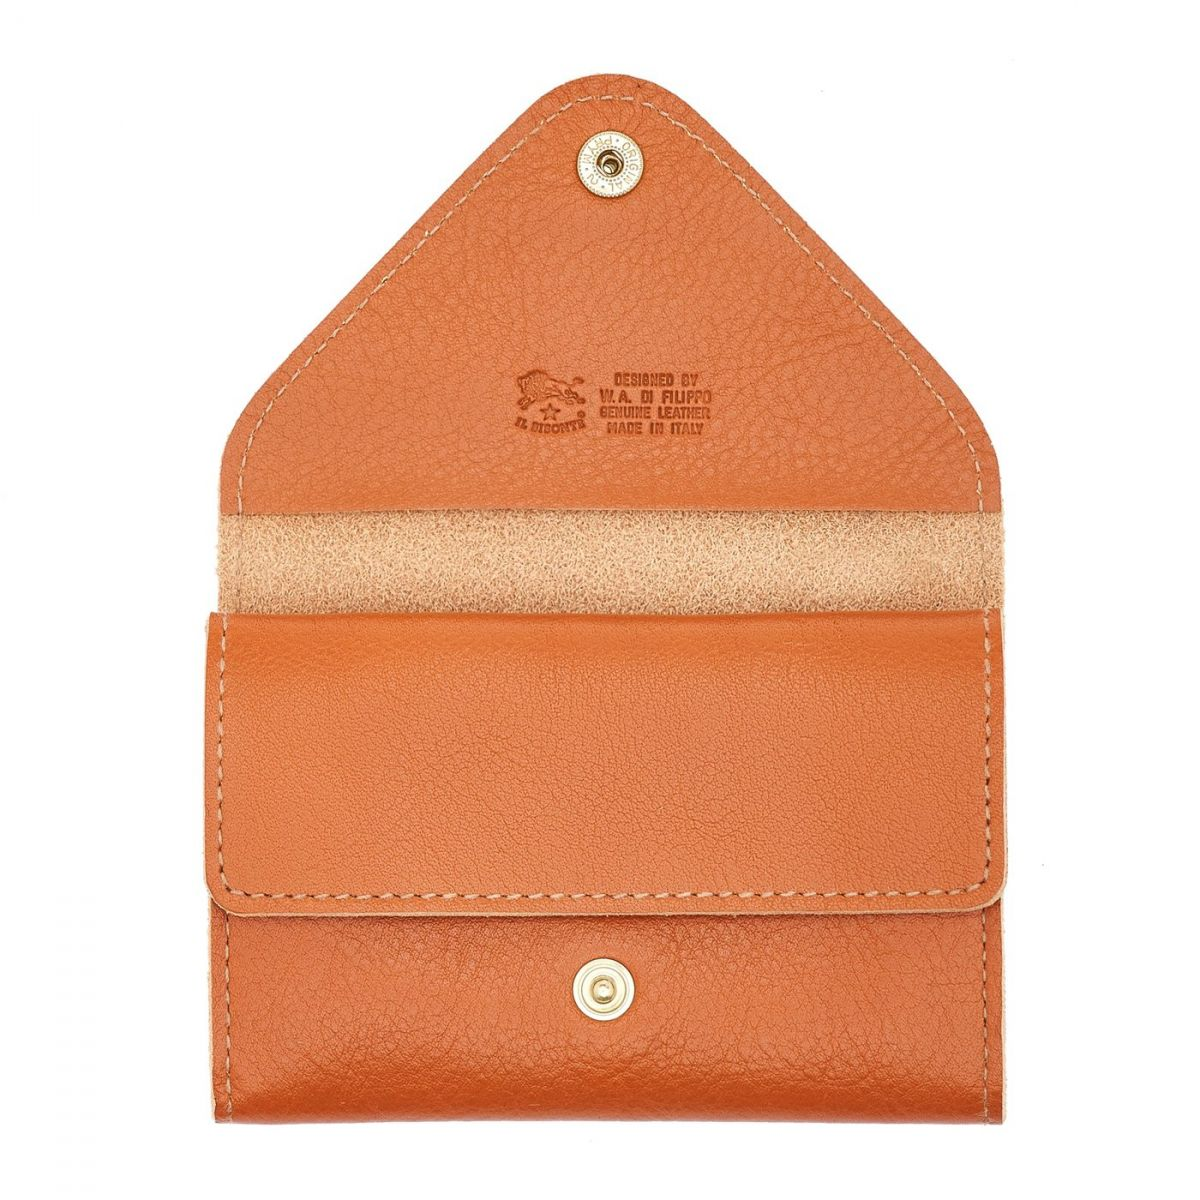 Porte-Cartes  en Cuir De Vachette Doublé SCC039 couleur Caramel | Details